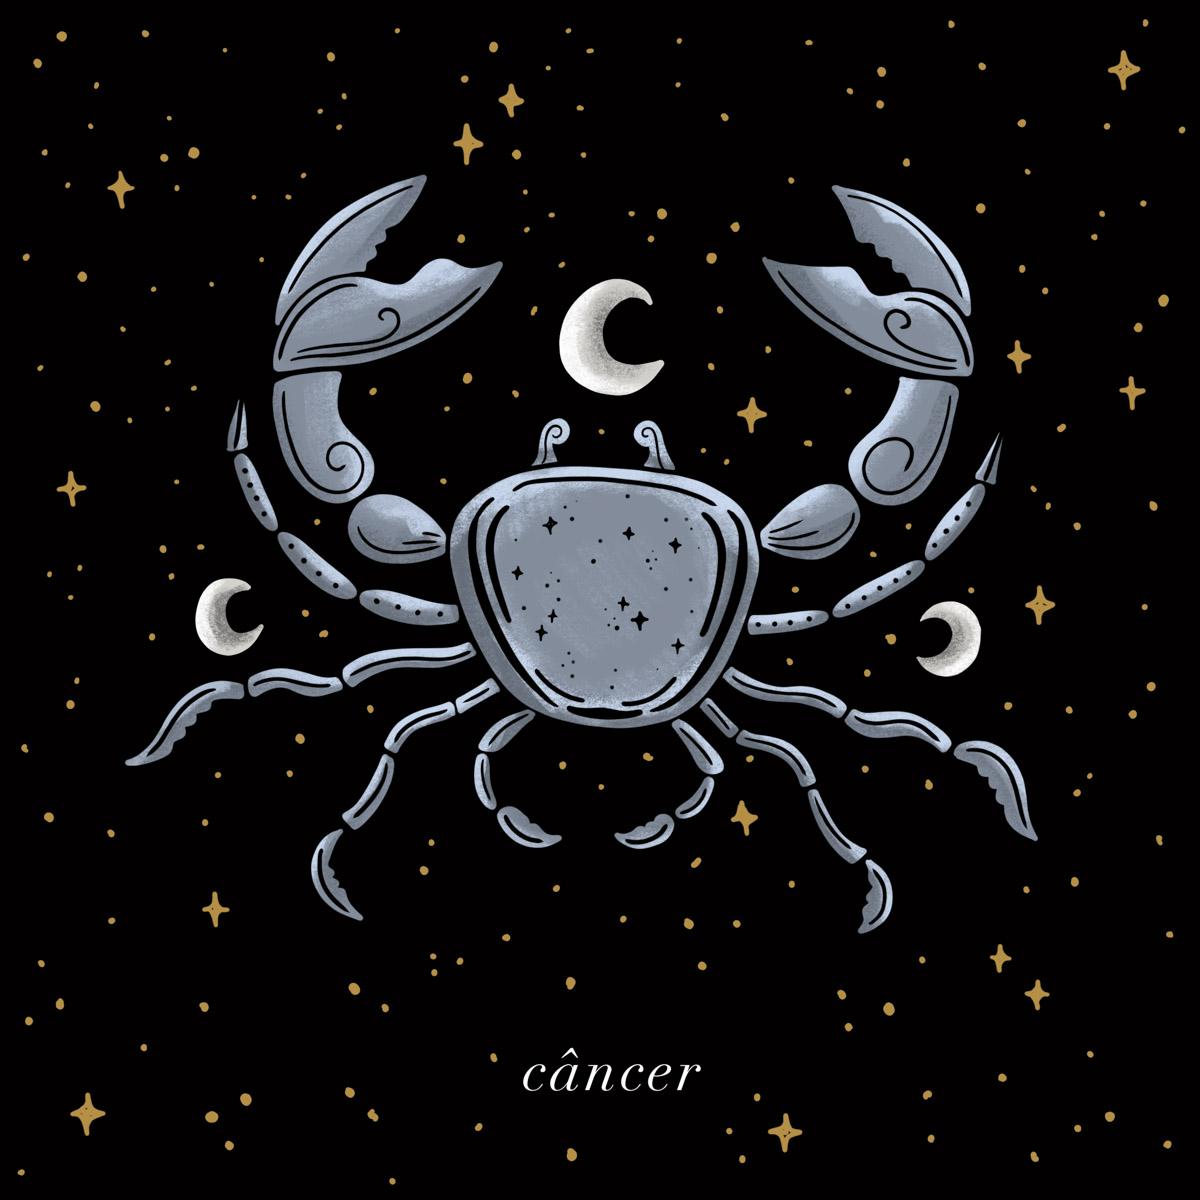 Signos Cancer